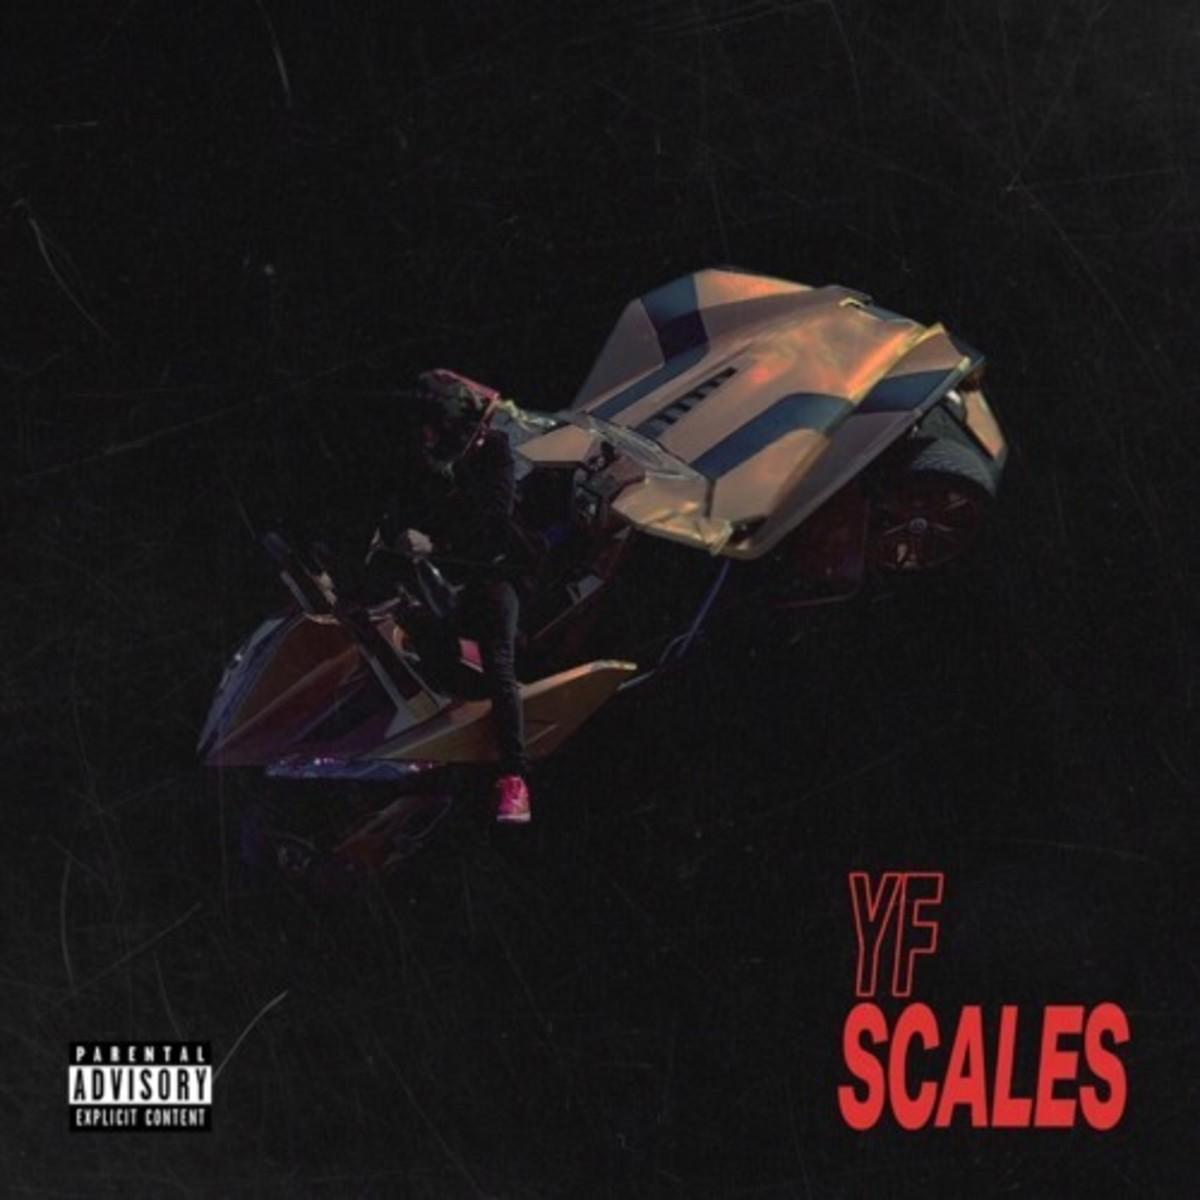 yf-scales.jpg